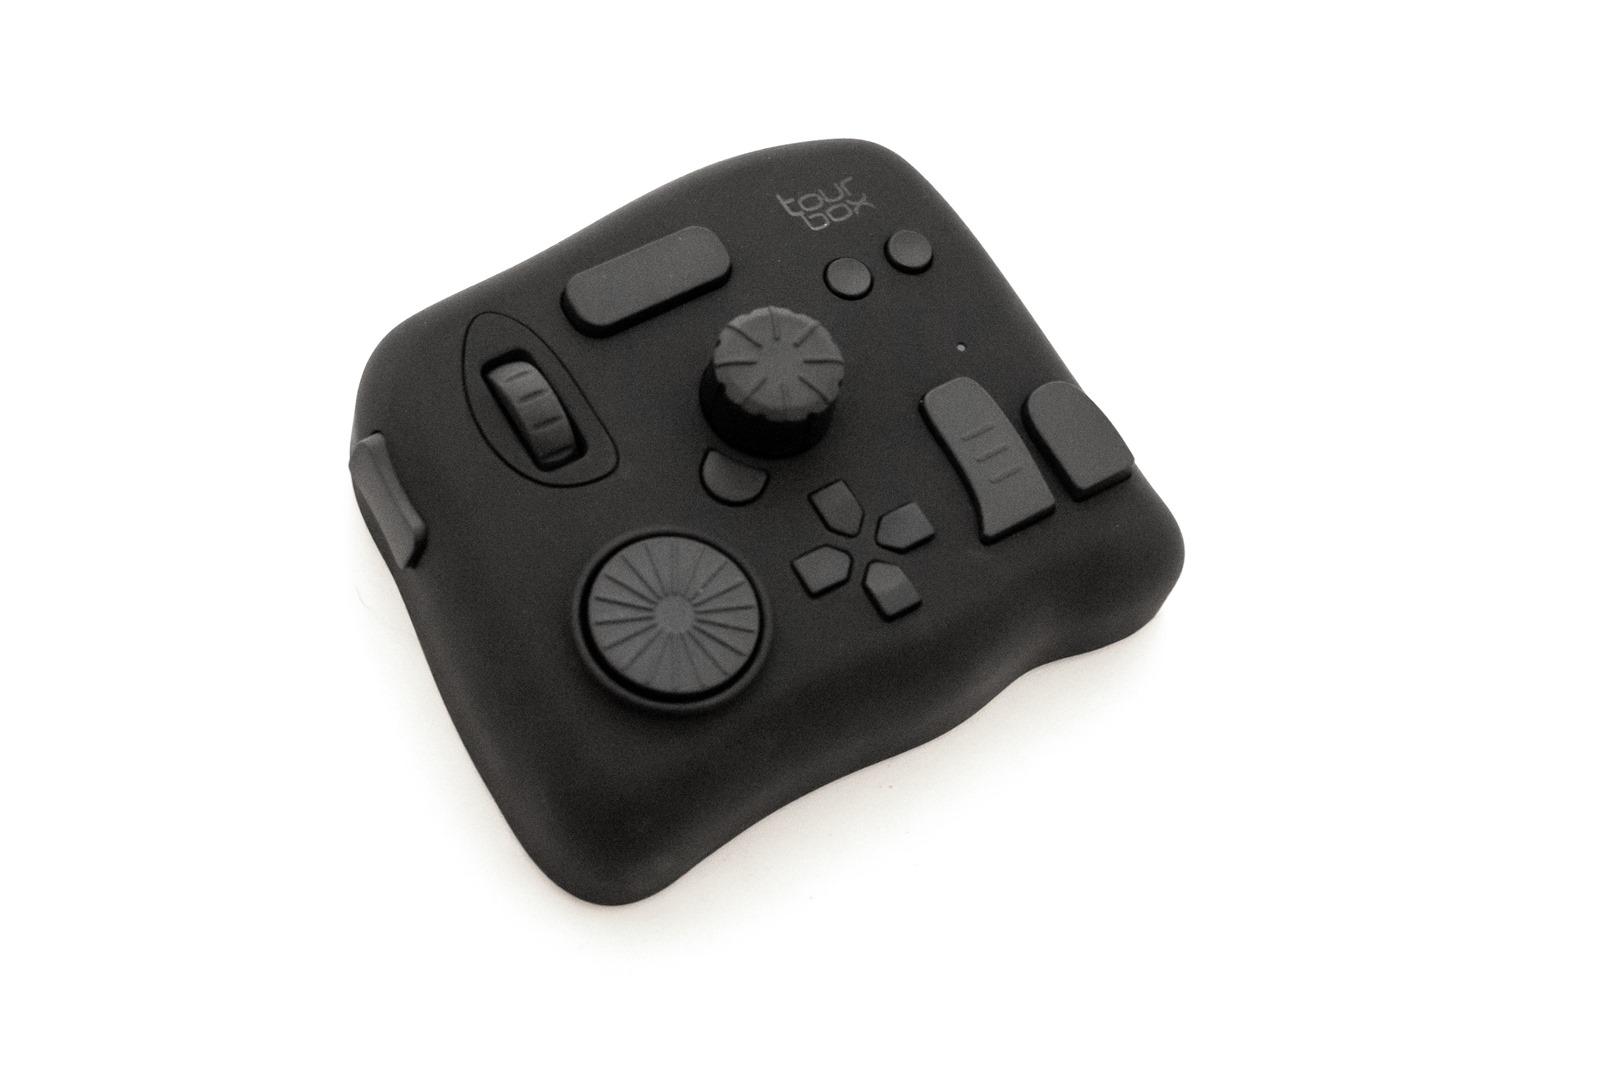 【開箱】強化創作速度的最佳利器TourBox開箱全面評測!